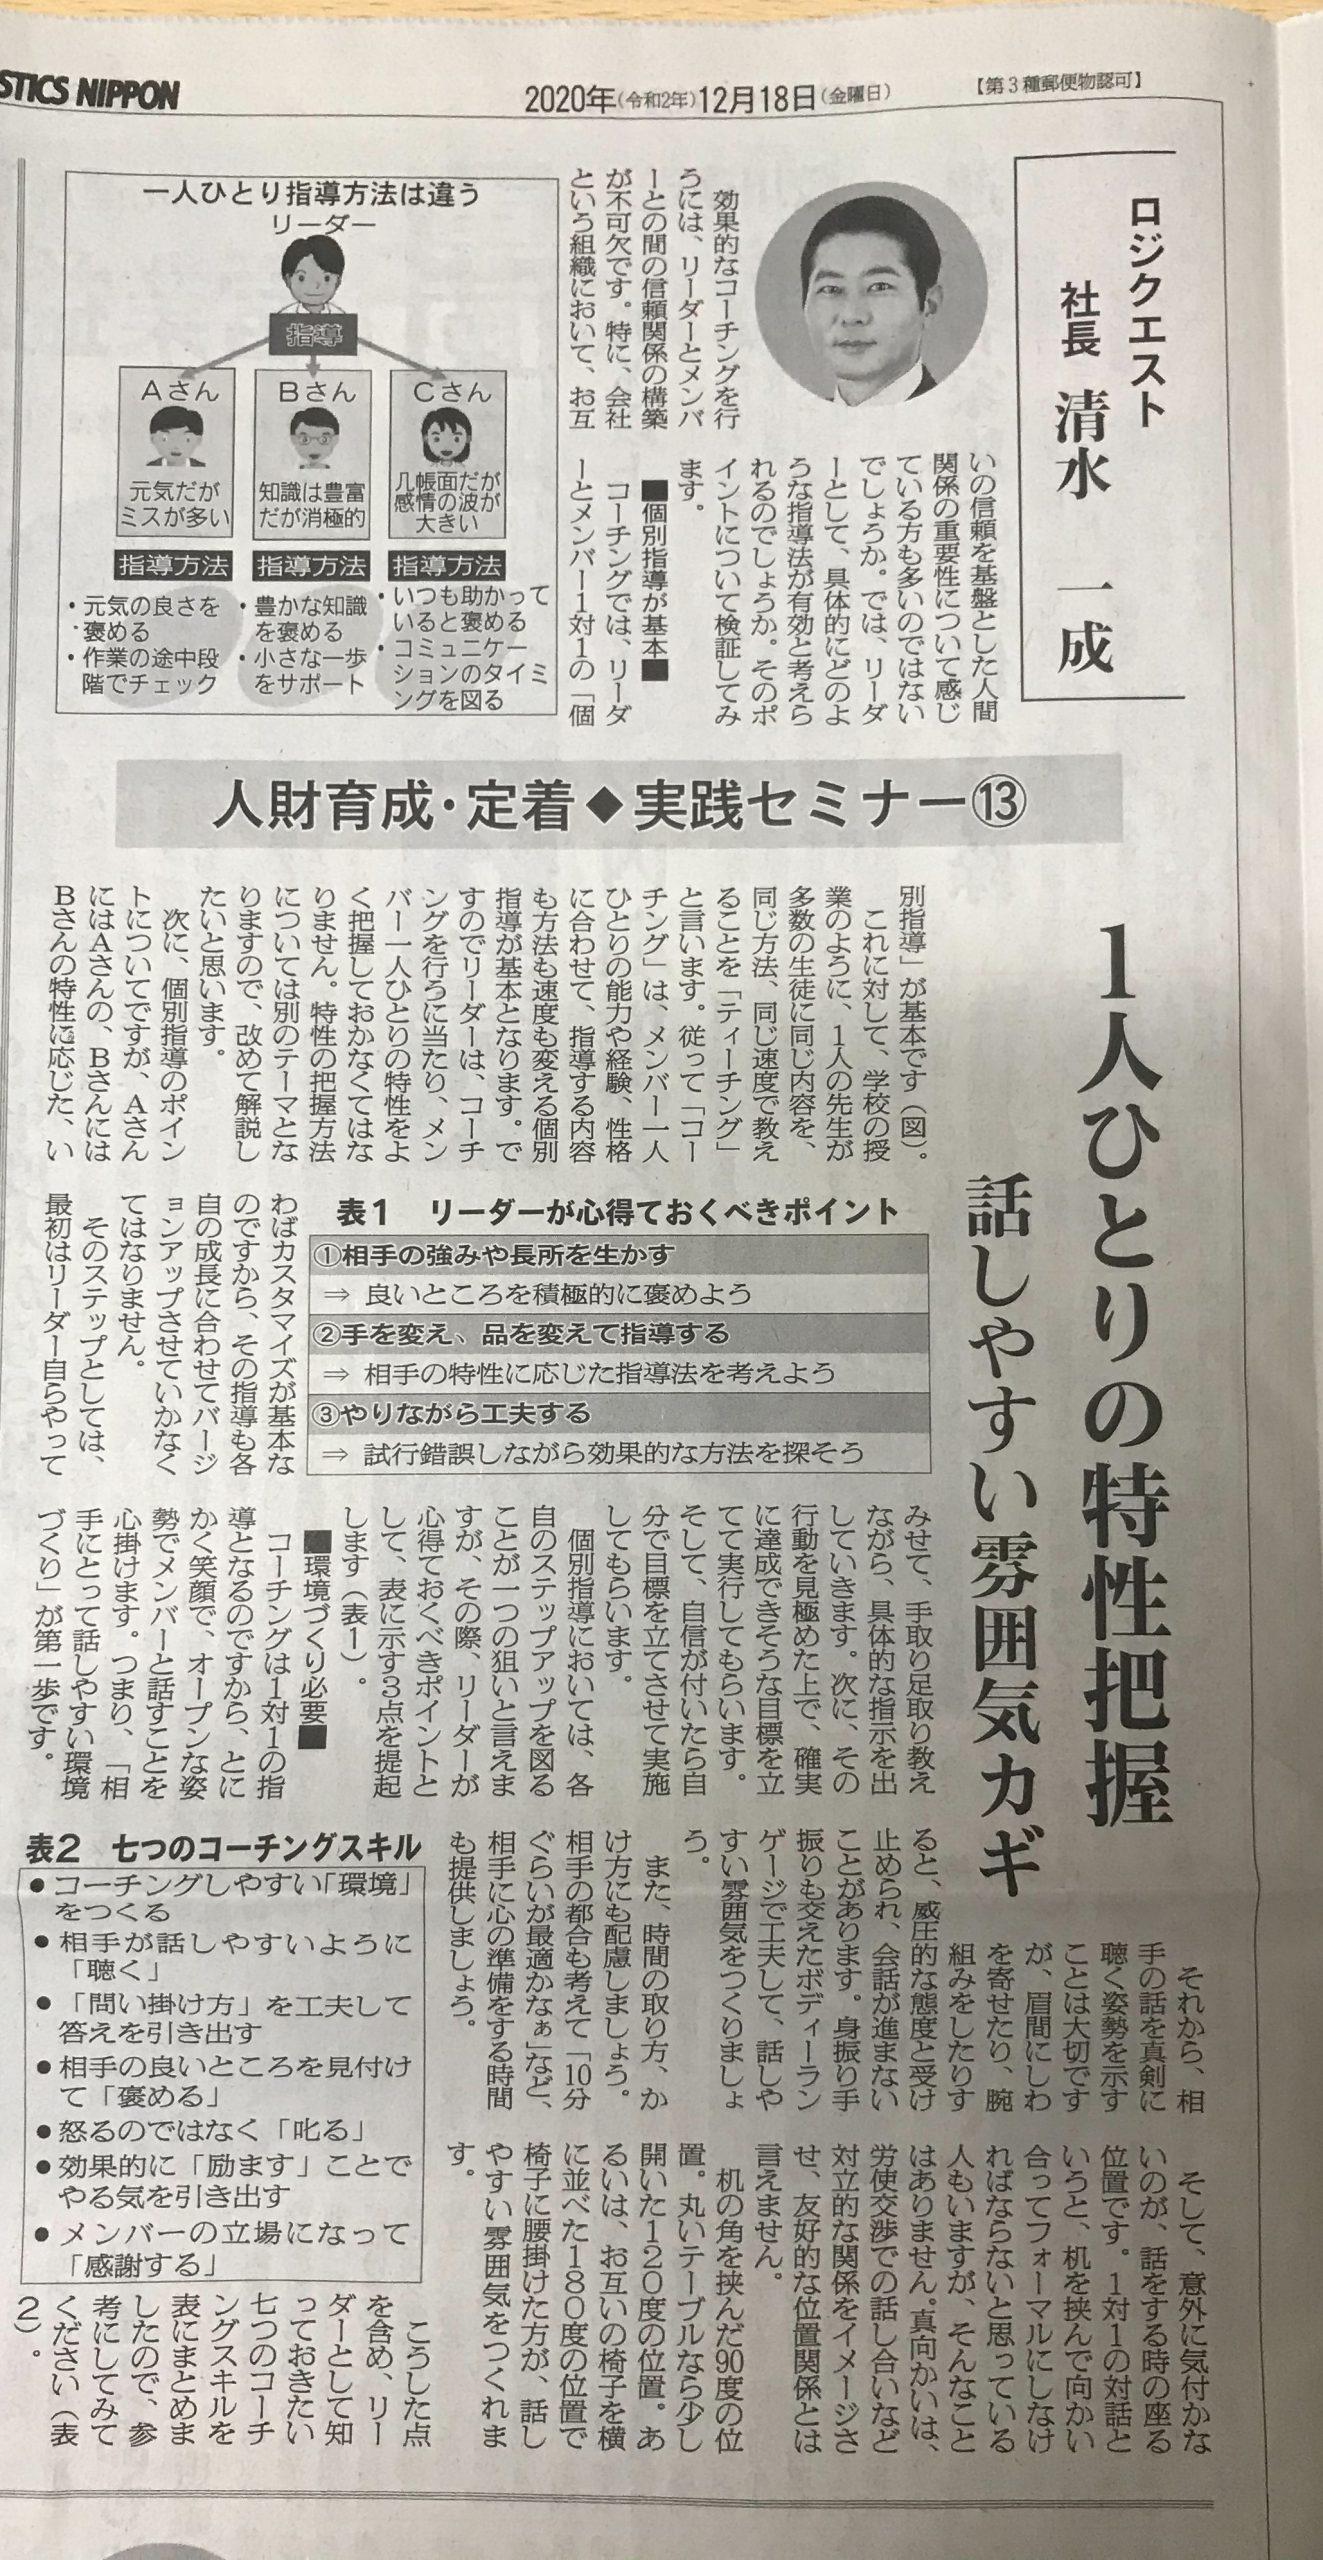 物流ニッポン 連載記事「人財育成・定着◆実践セミナー⑬ コーチング 1人ひとりの特性把握 話しやすい雰囲気がカギ」